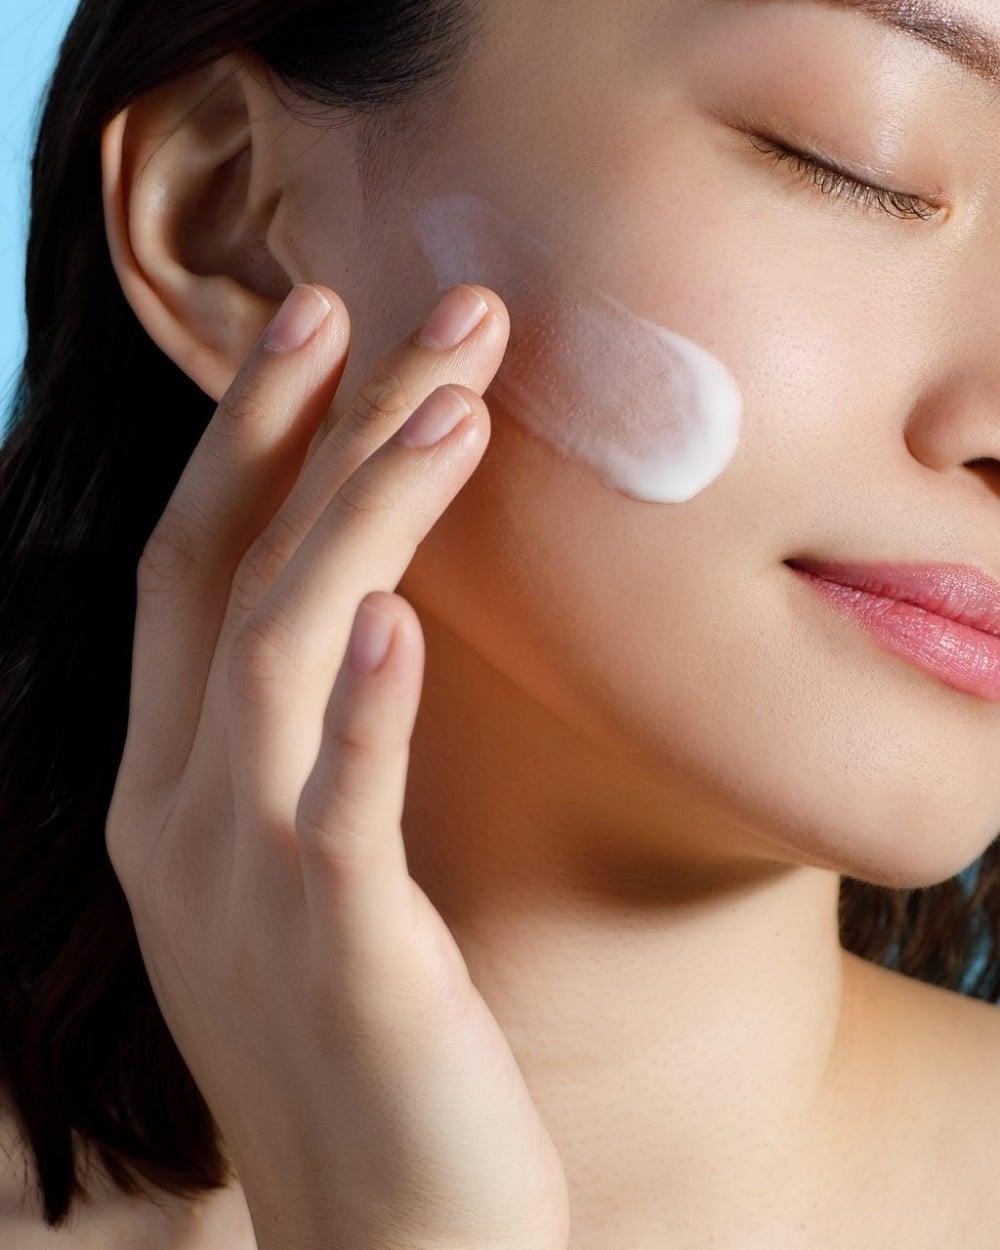 Tranh thủ thời gian nghỉ dịch, chị em hãy dưỡng da theo 5 bước này để giúp da trắng sáng bật tông, không còn khuyết điểm - Ảnh 6